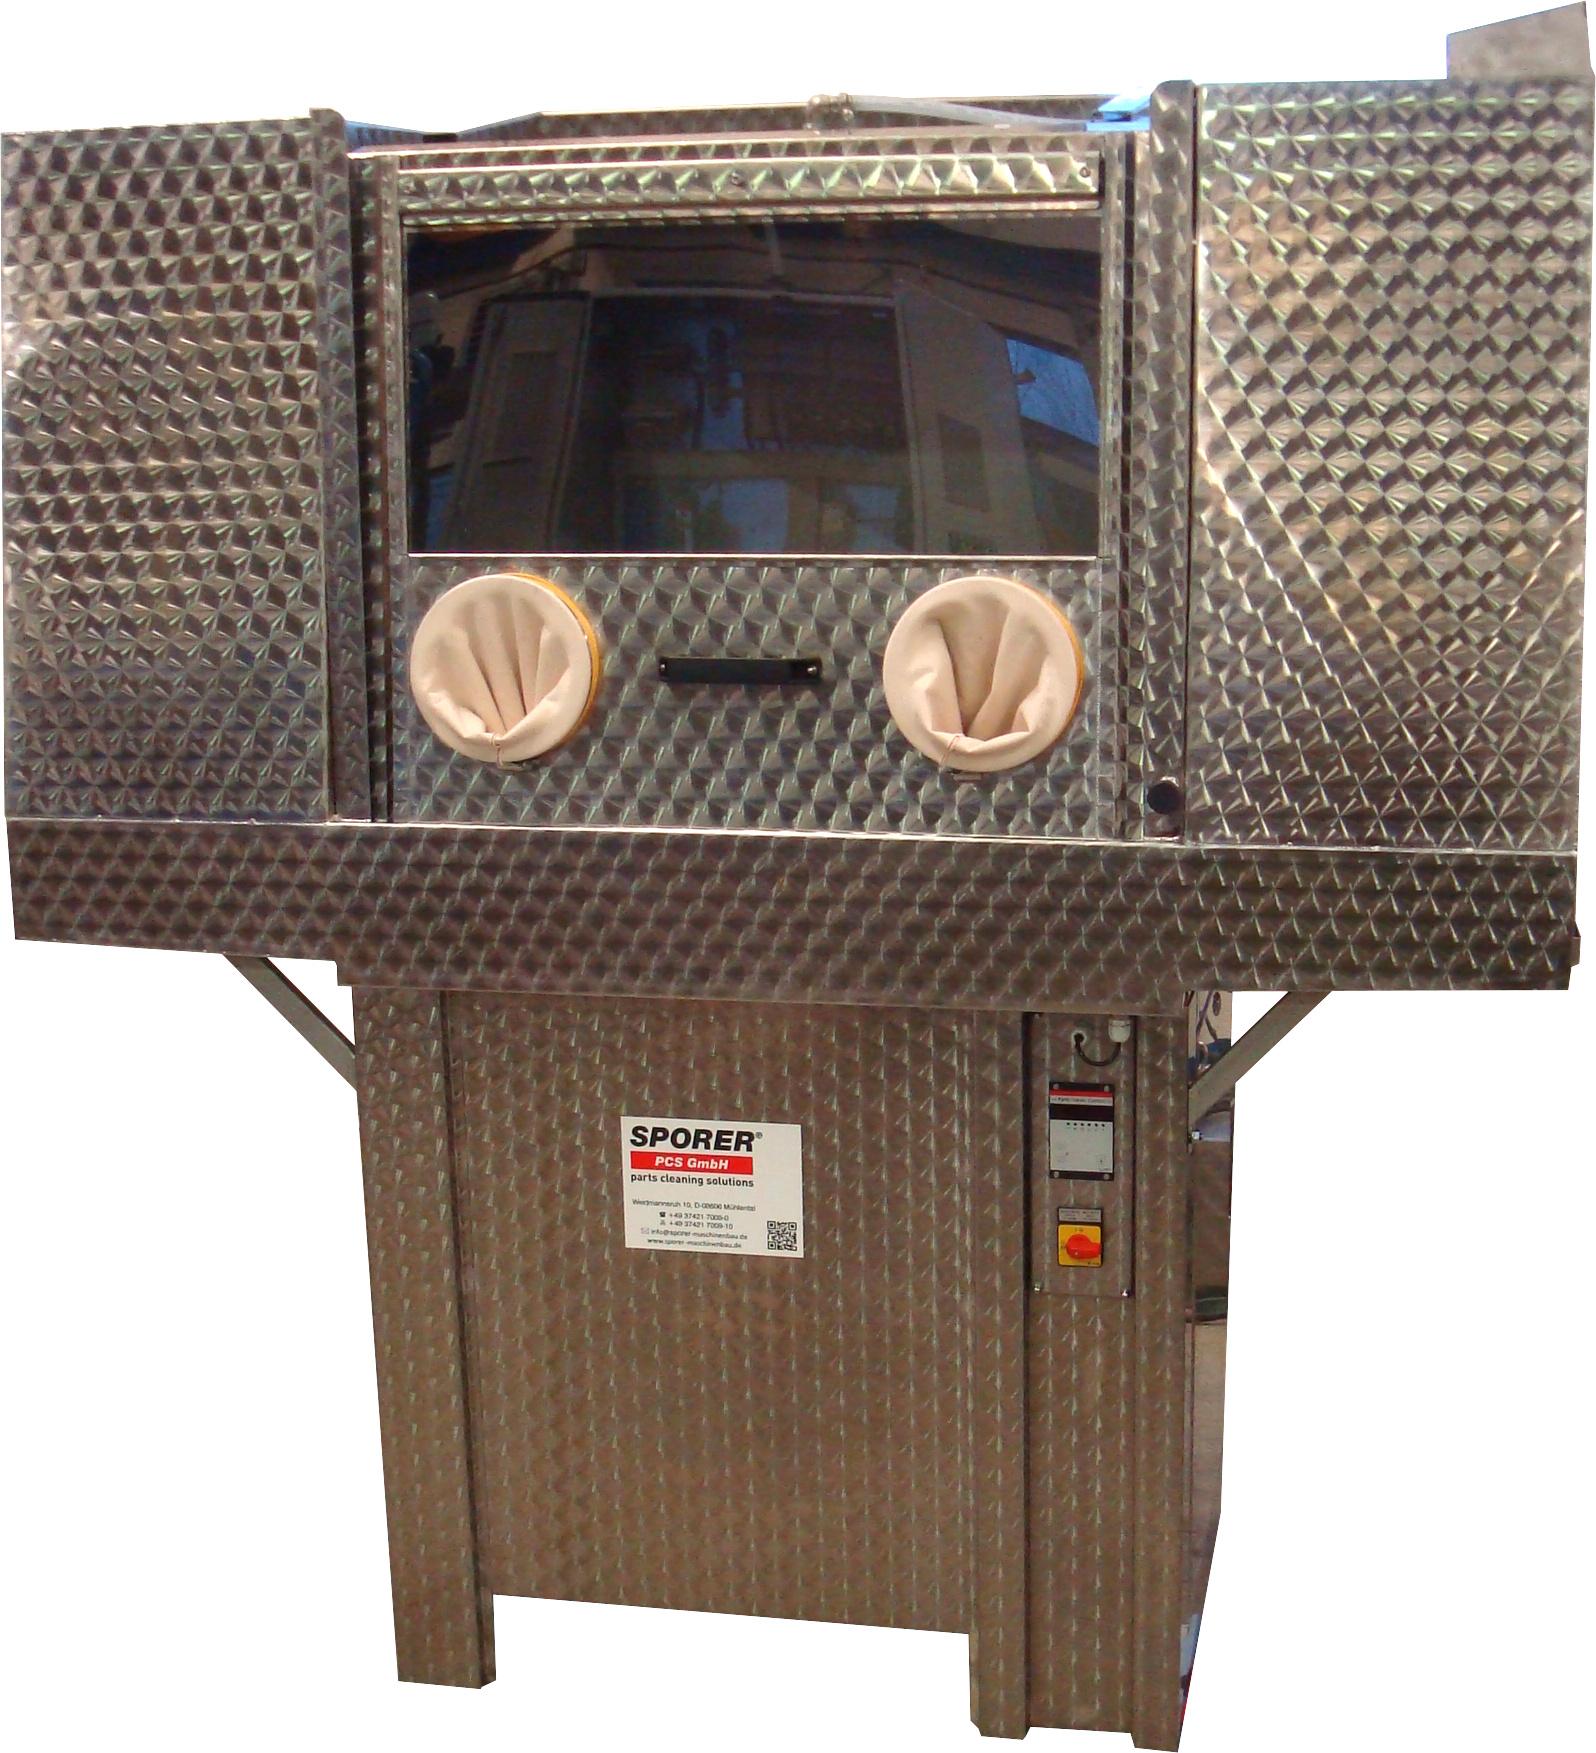 Powerbox in Sondergröße (nutzbare Breite 1.600 mm) mit seitlichen Wartungstüren